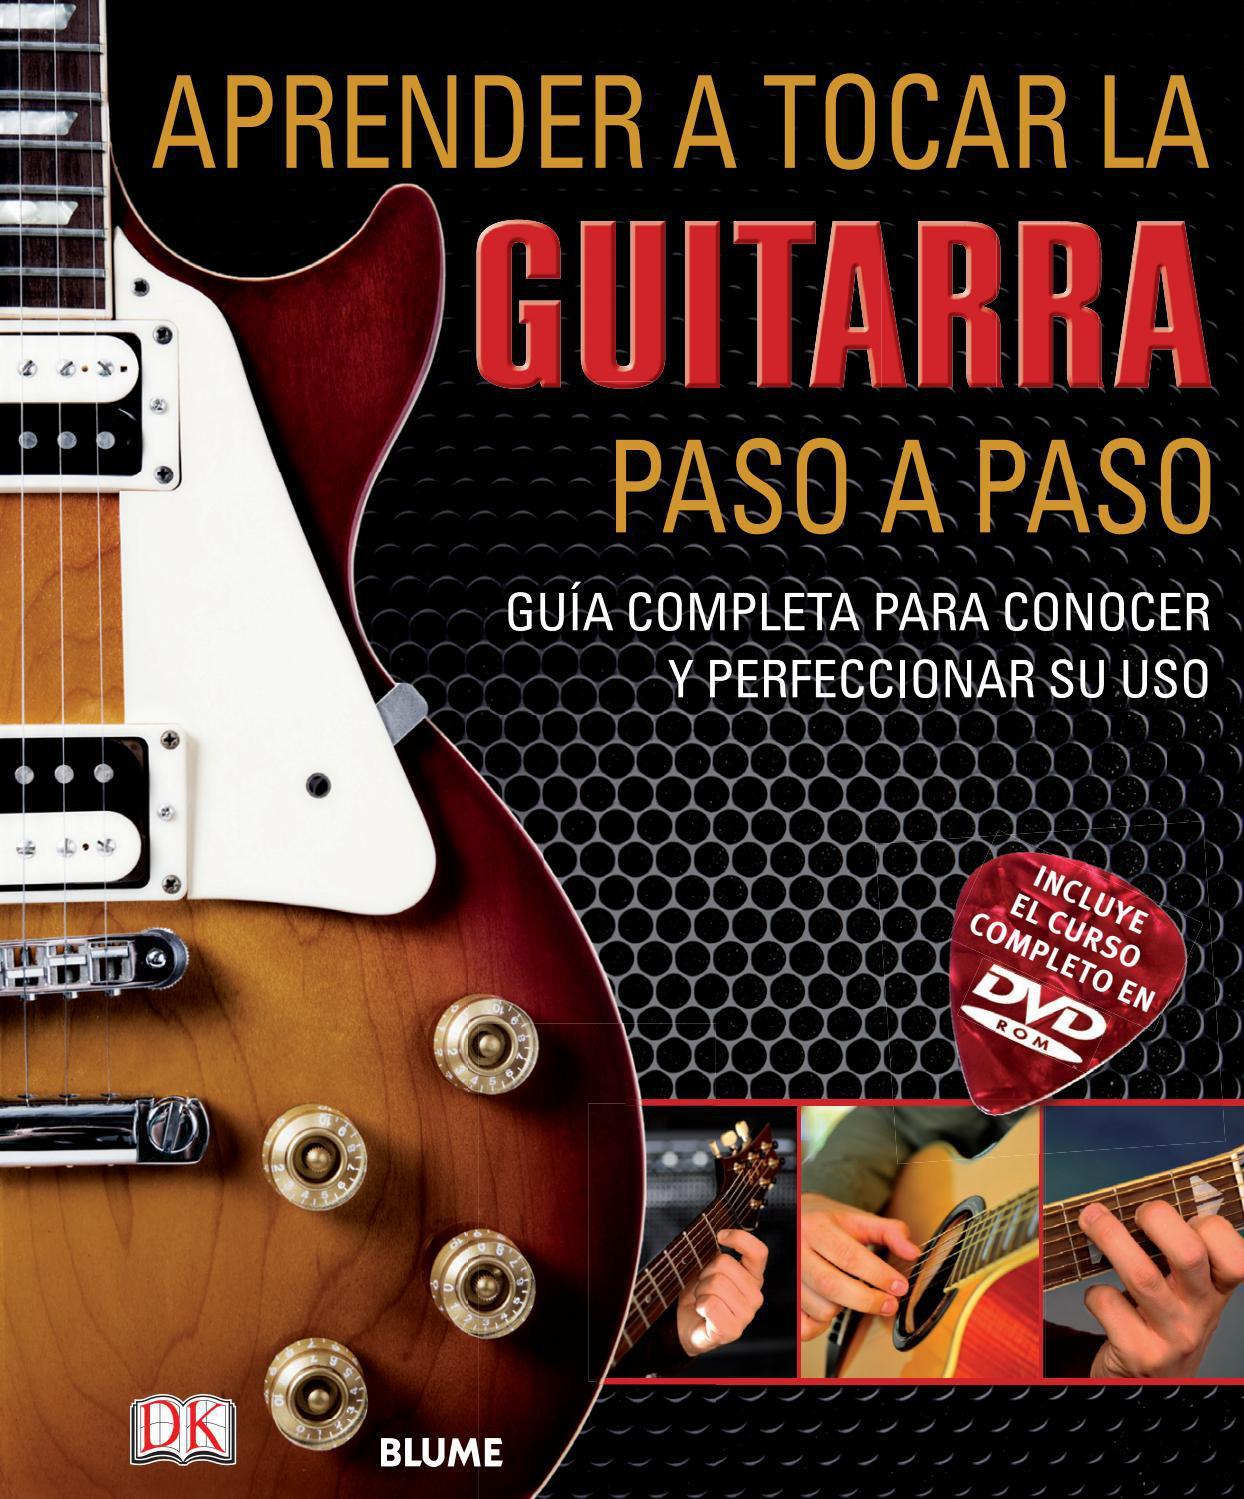 Aprender a tocar la guitarra by Editorial Blume - issuu